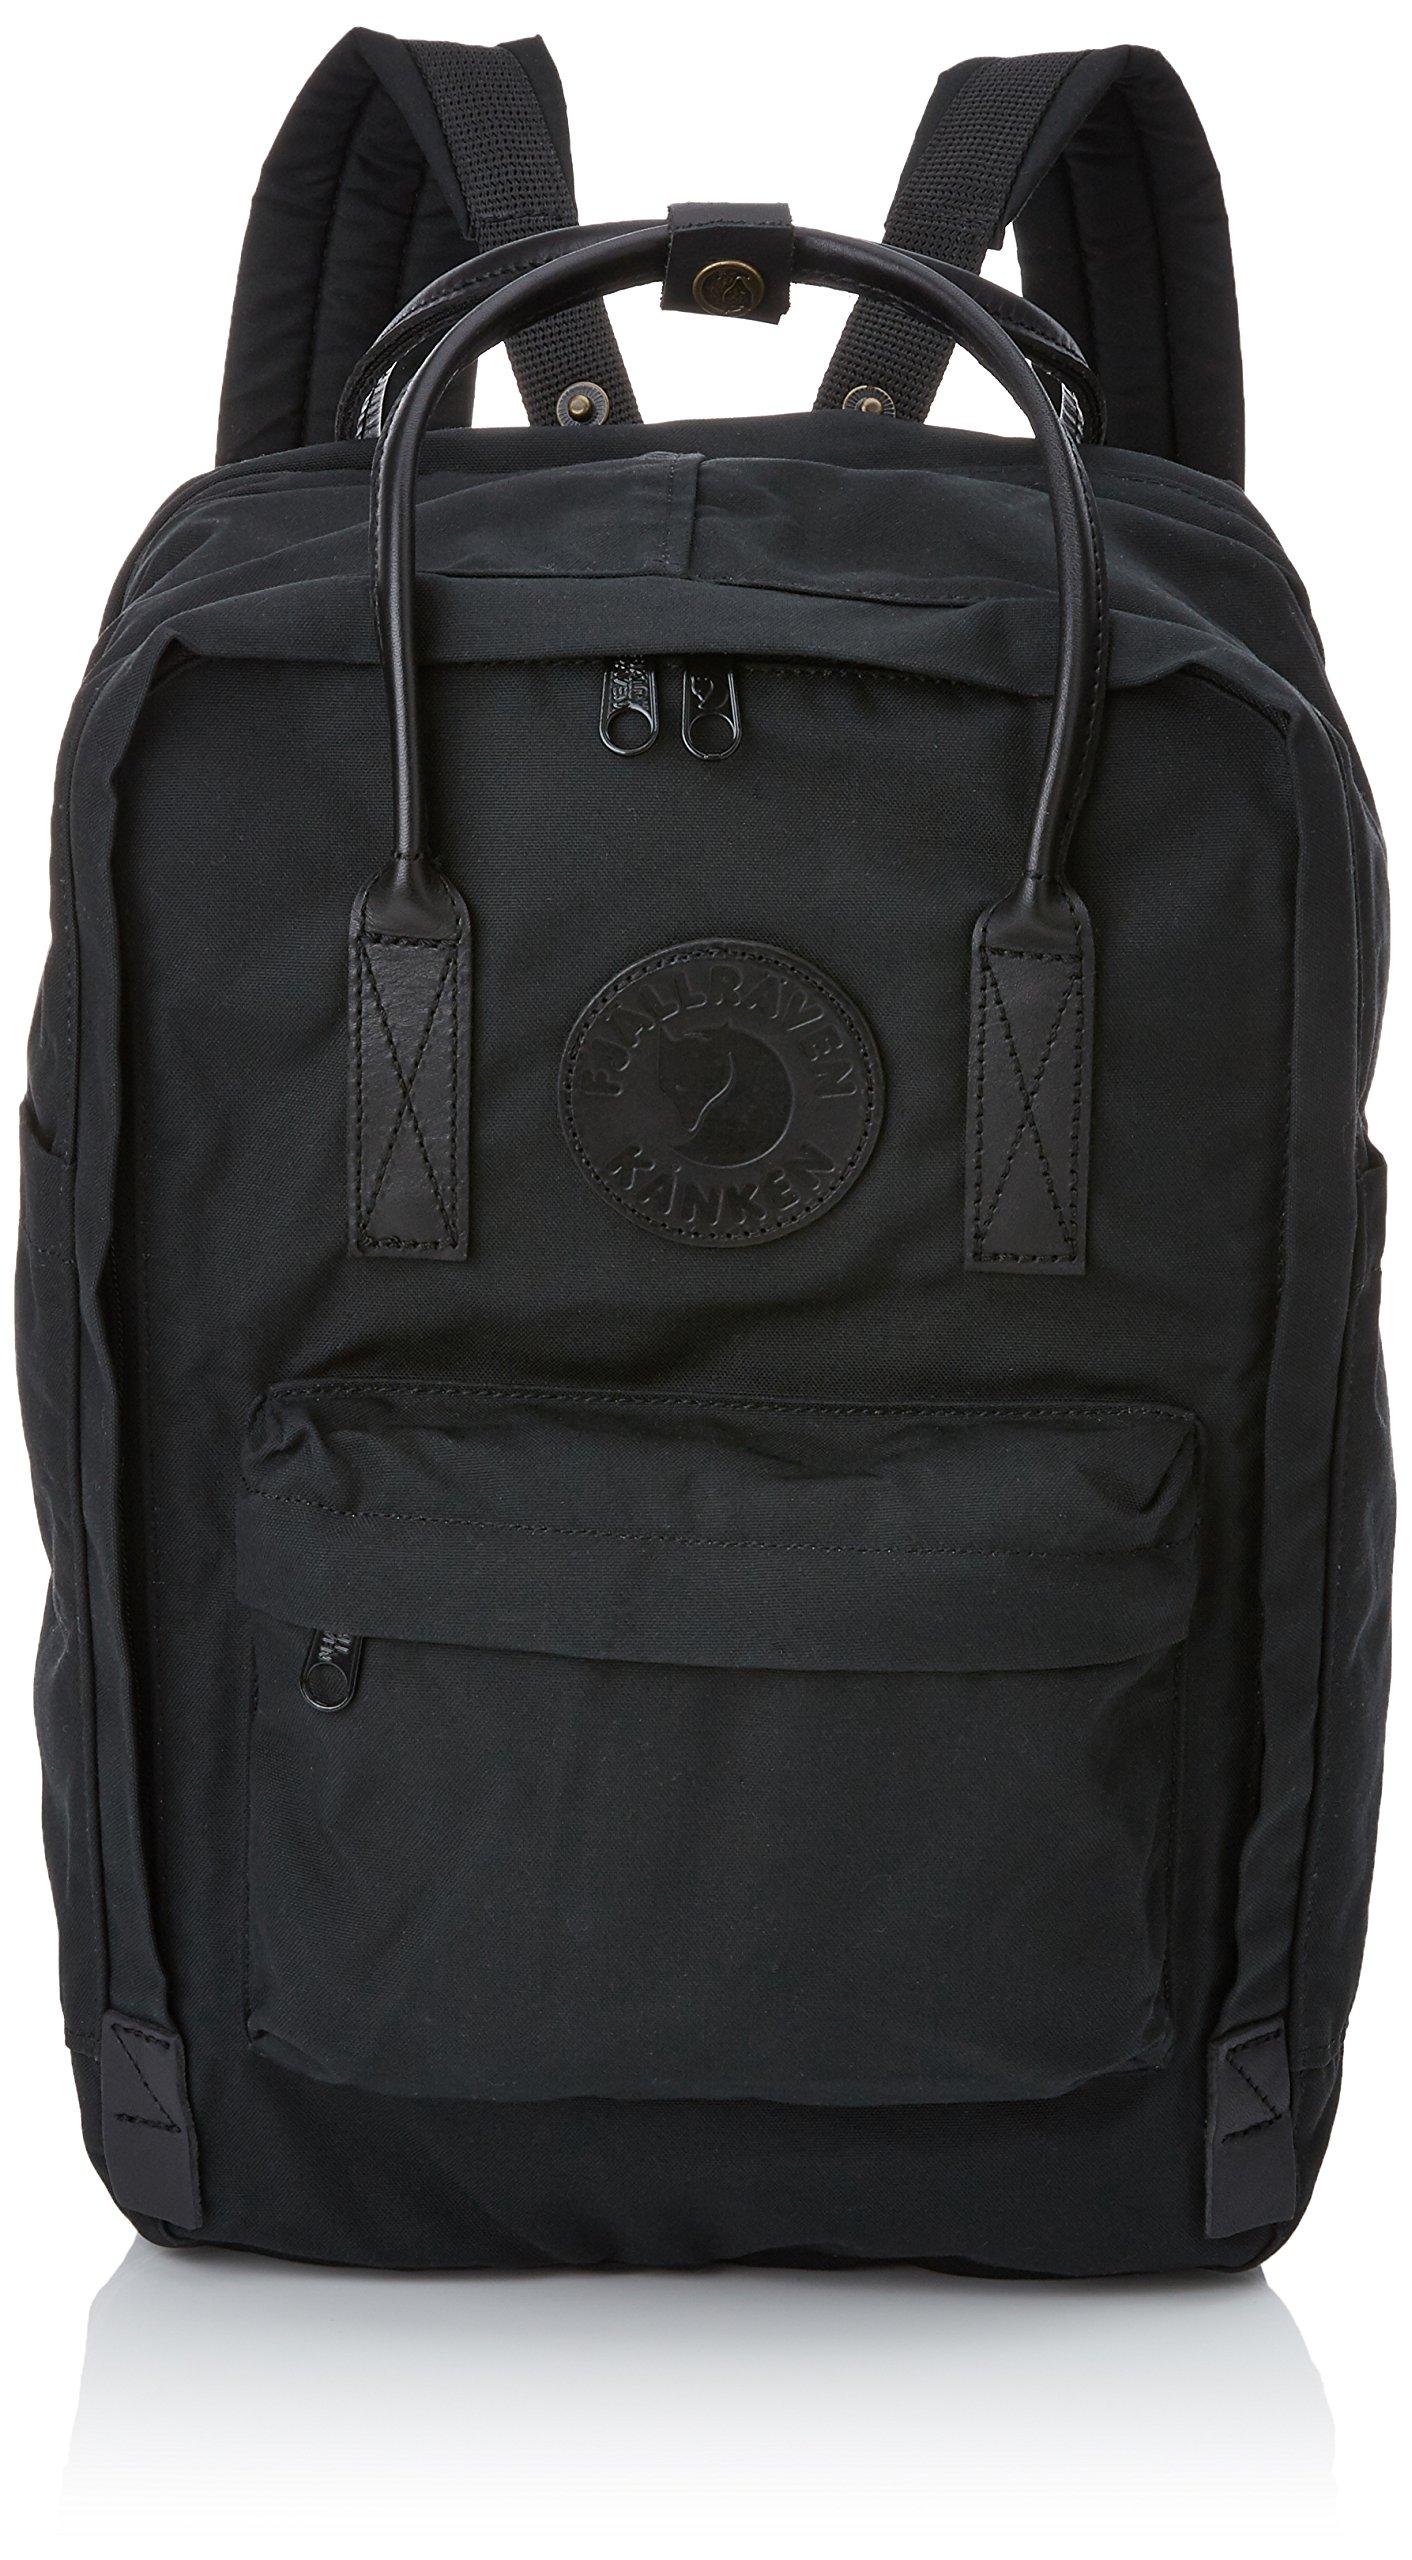 Fjallraven - Kanken No. 2 Laptop 15'', Heritage and Responsibility Since 1960, Black-Black